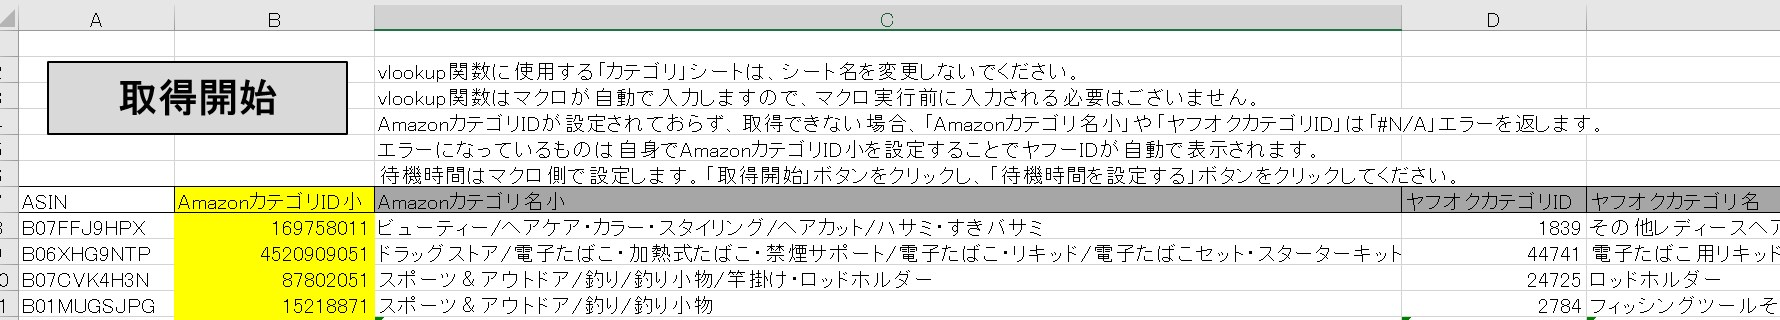 2021 05 15 17h00 08 ASINから、アマゾンのカテゴリノードIDを取得し、それに対応するヤフーショッピングのカテゴリIDを出すツール